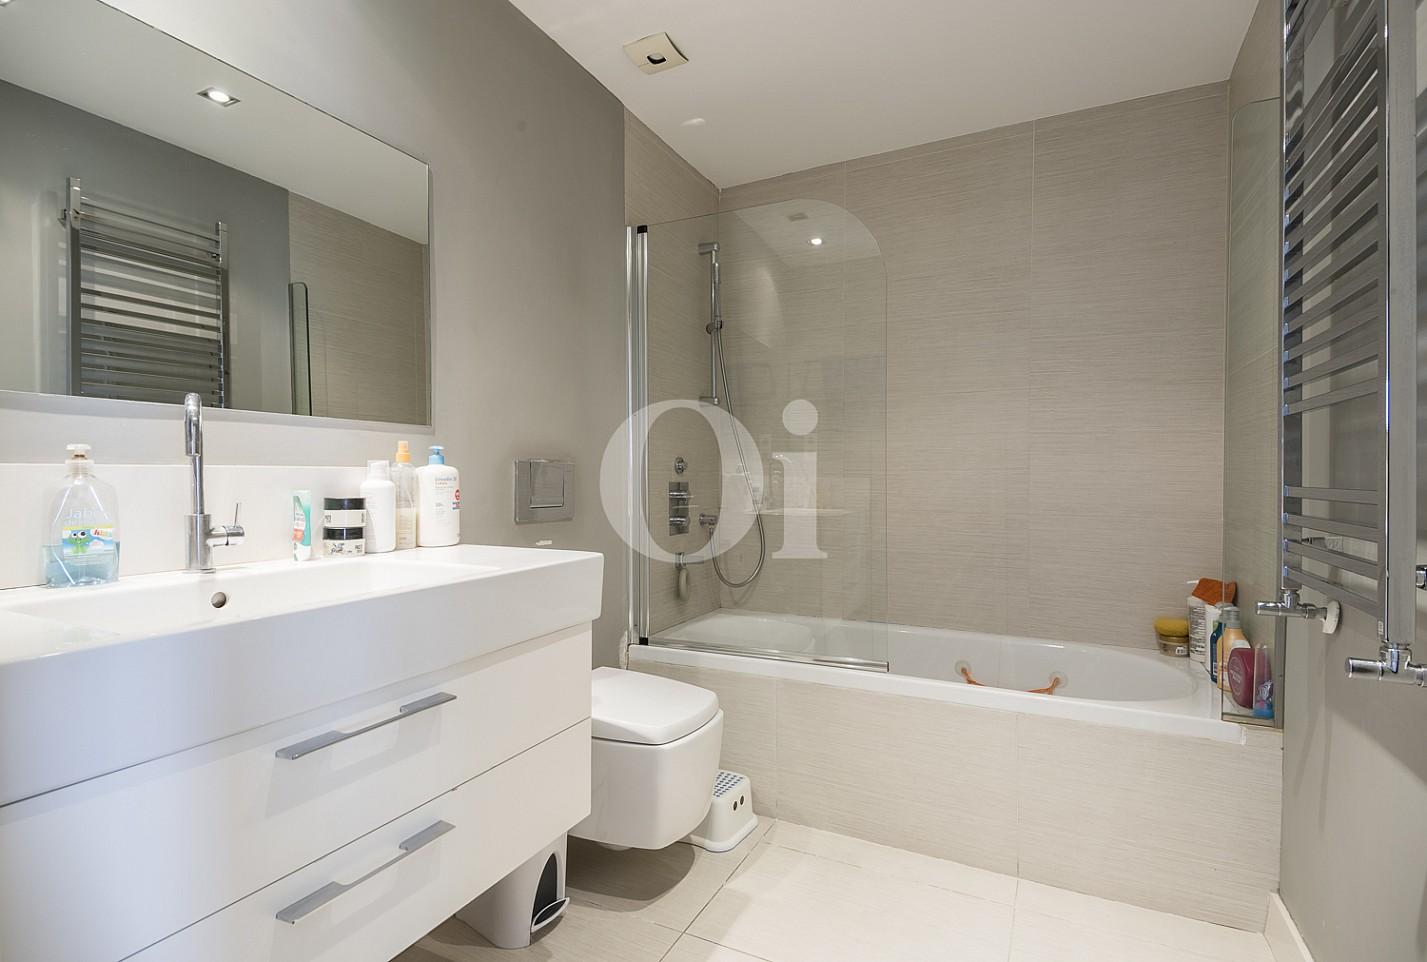 Ванная комната таунхауса на продажу в Эсплугес